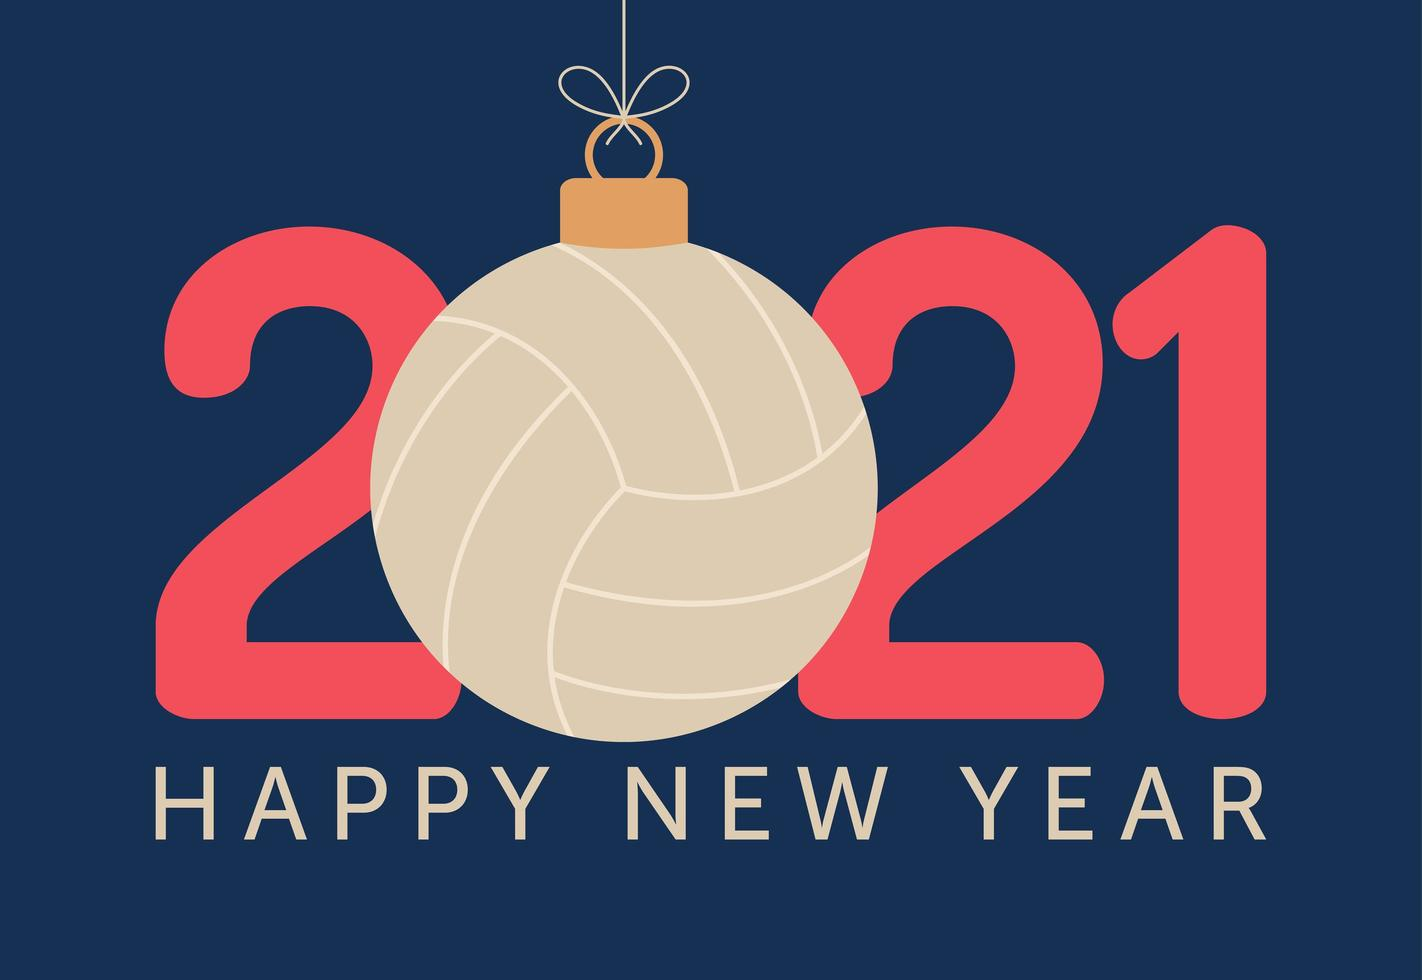 2021 Frohes Neues Jahr Typografie mit Volleyball Ornament vektor